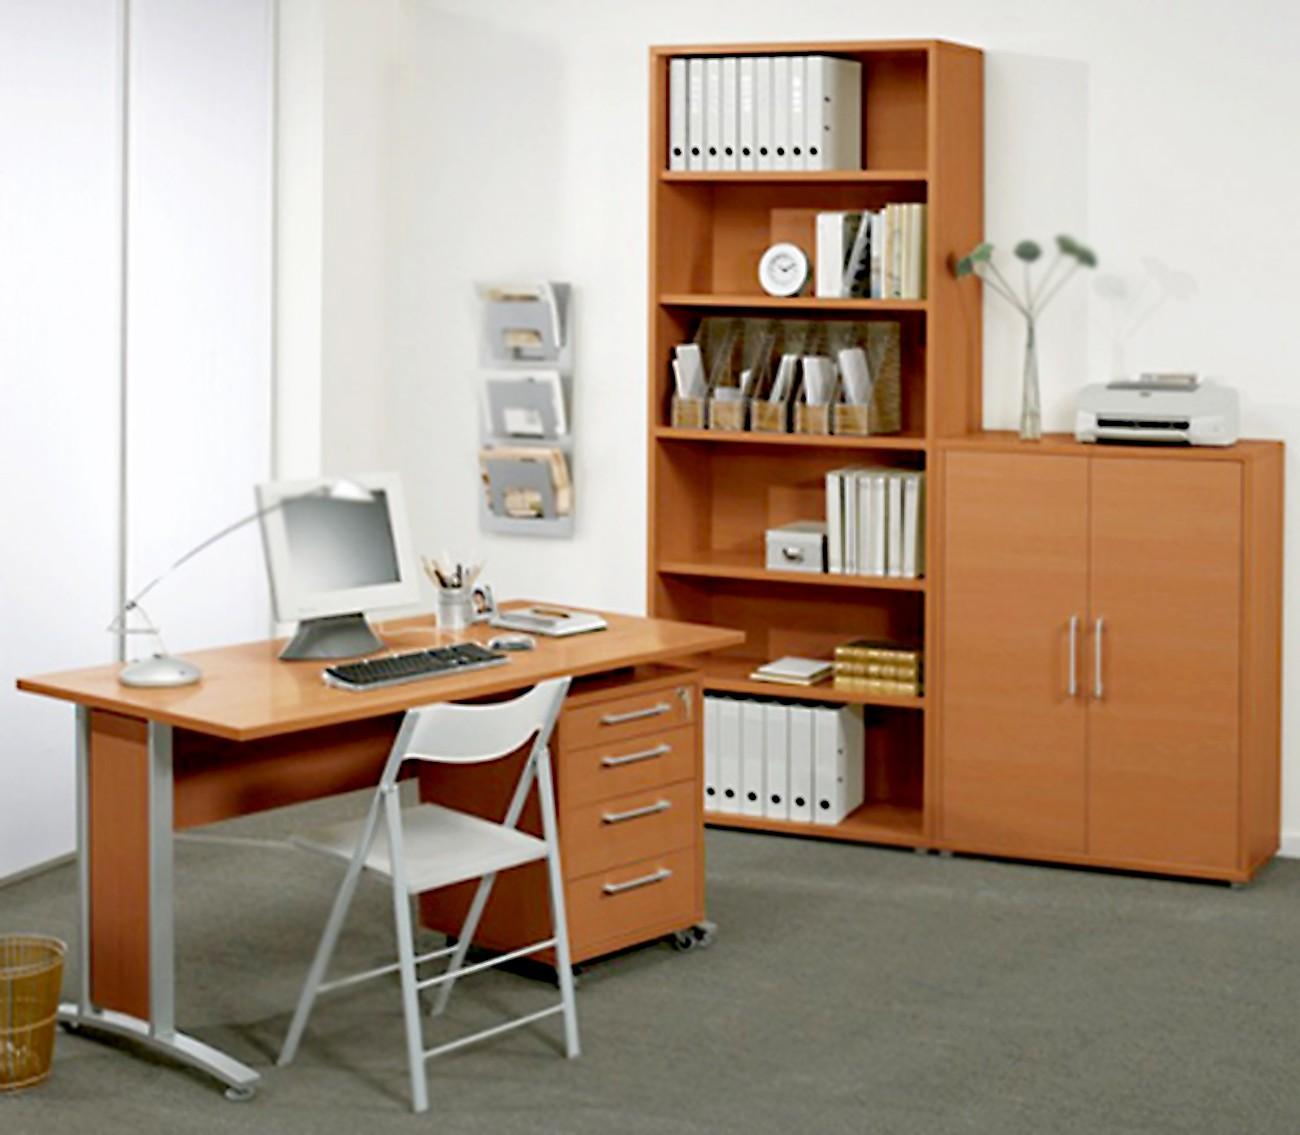 ... - arredo casa ufficio - Linea Prima - Arredo Ufficio - Arredamento